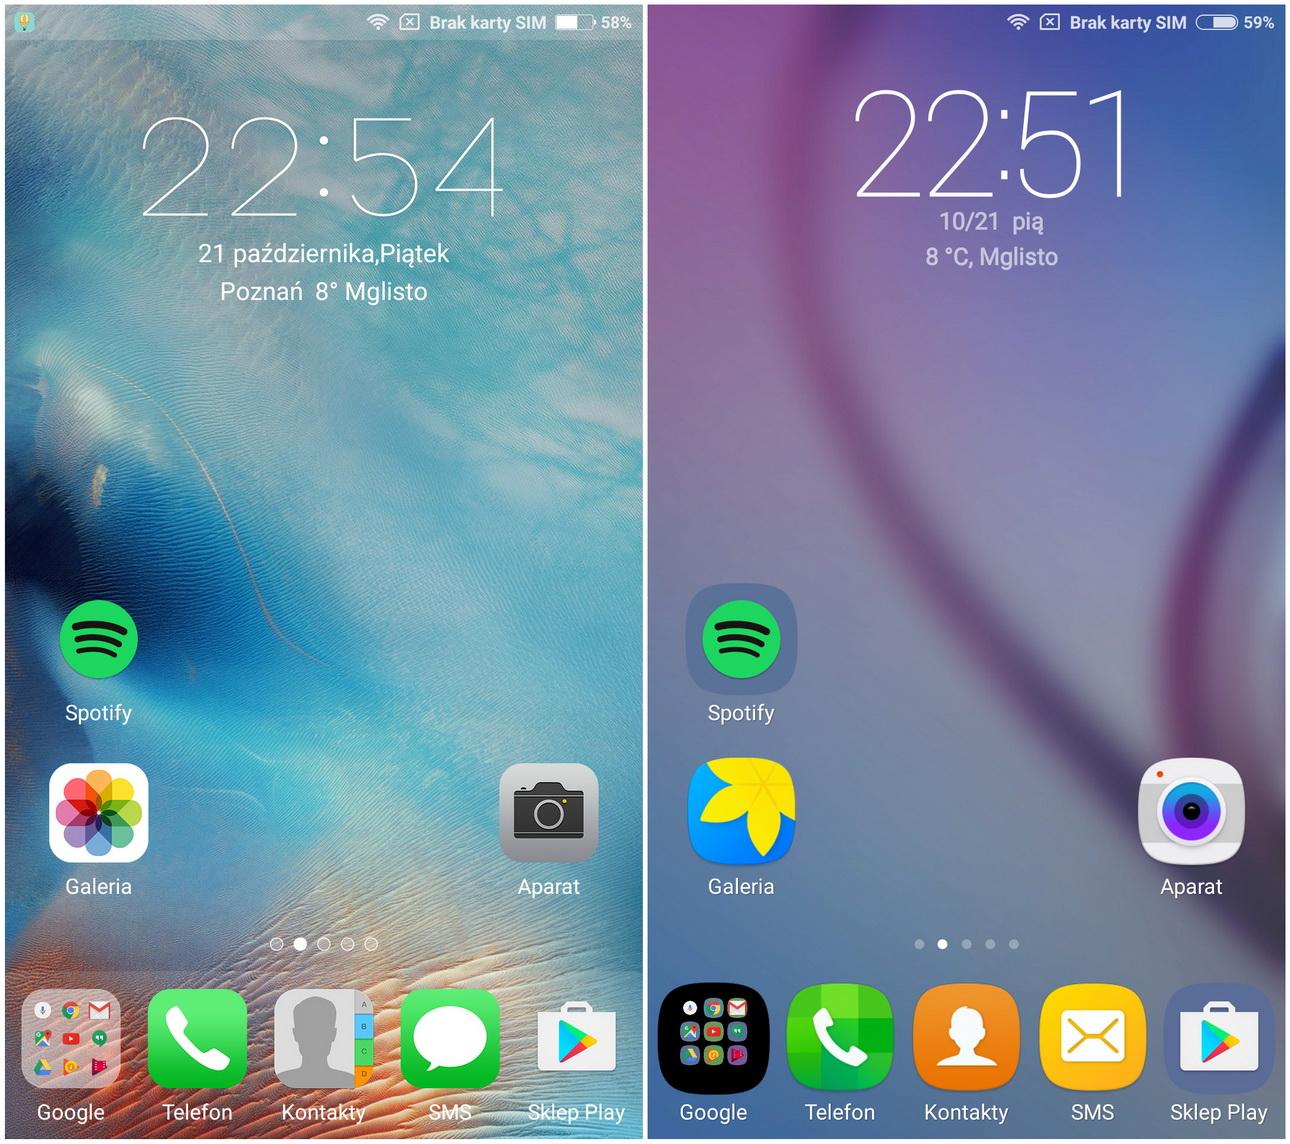 Xiaomi Mi5 - MIUI oferuje różne motywy - recenzja 90sekund.pl